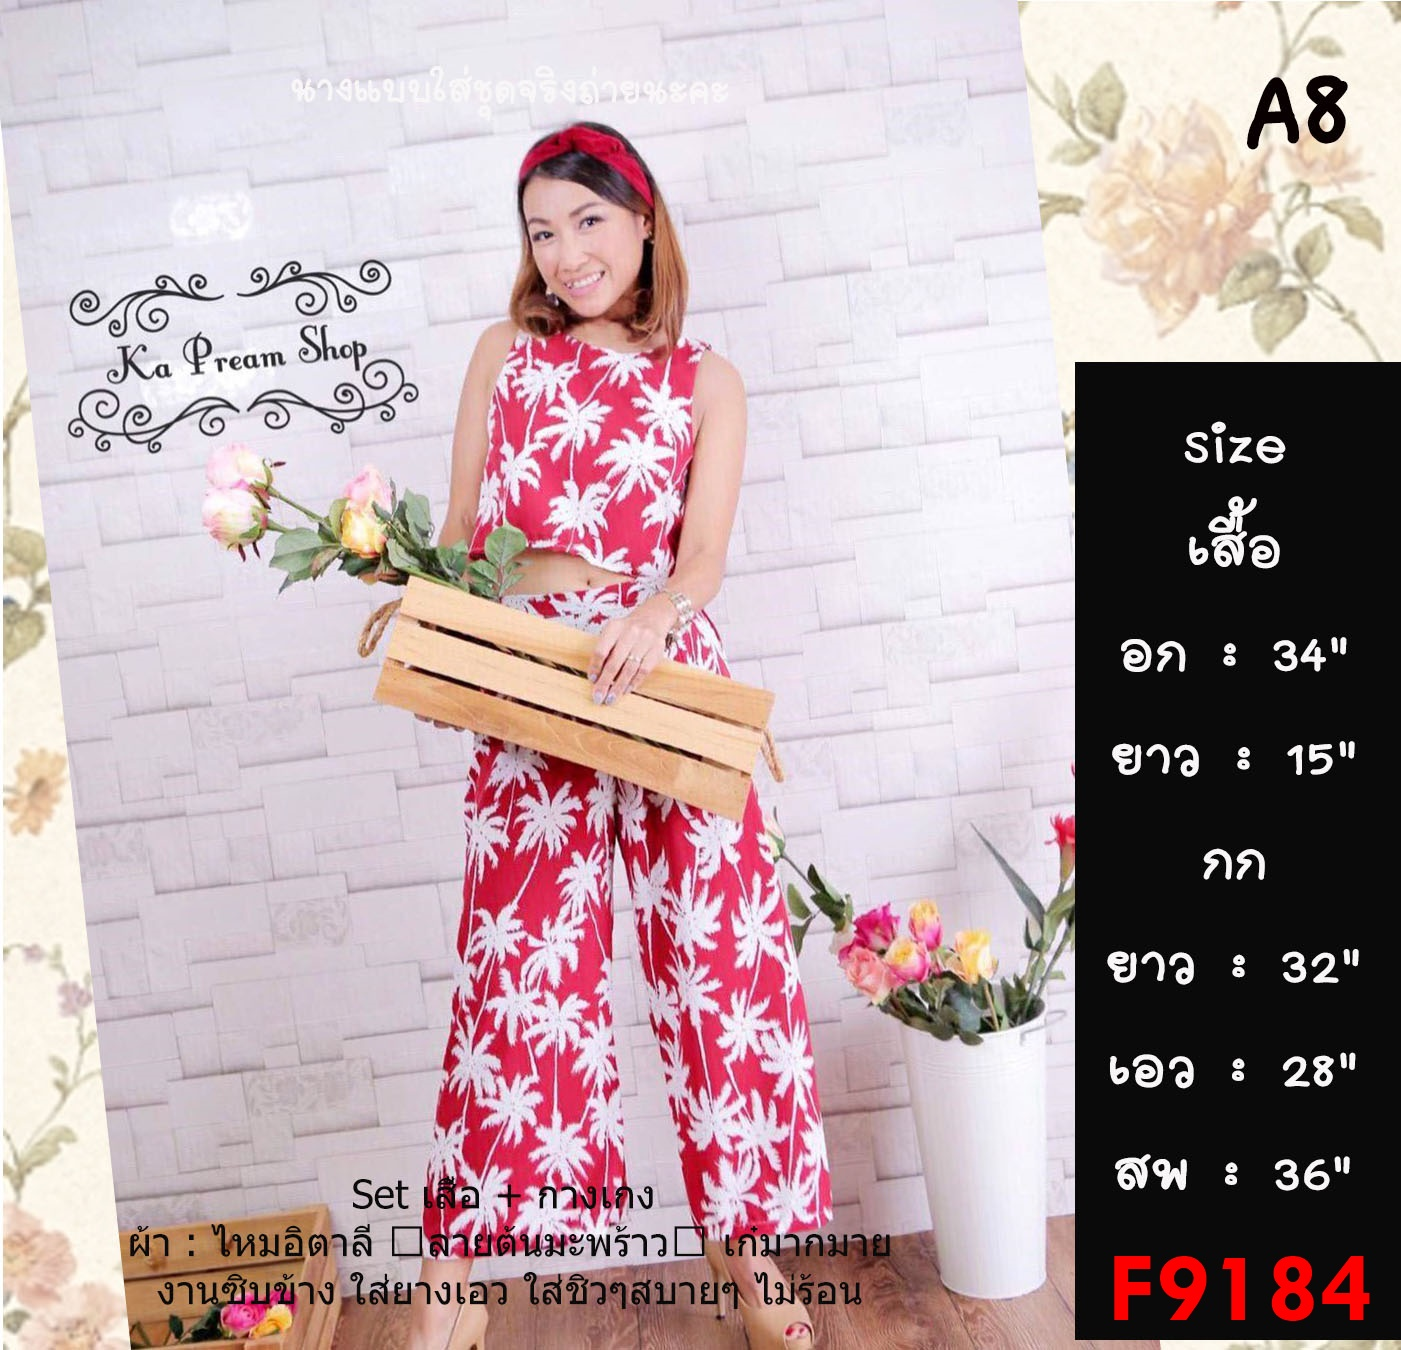 F9184 ชุดเสื้อ+กางเกง เสื้อเอวลอยแขนกุด กางเกงขายาวทรงกระบอก พิมพ์ลายต้นมะพร้าวสีขาว ตัวเสื้อสีแดง